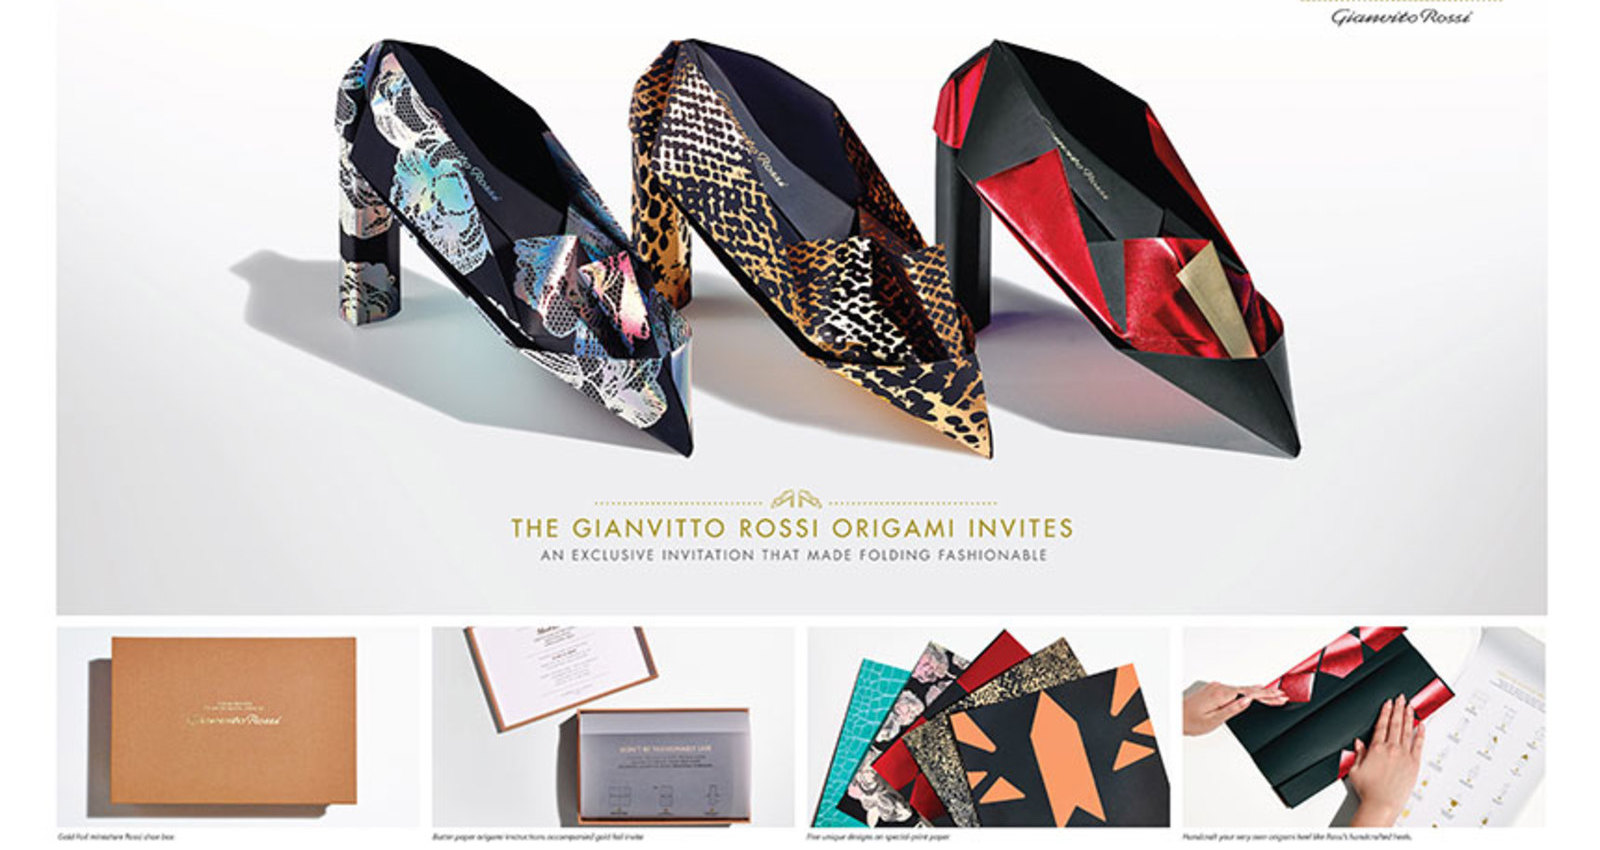 Gianvito Rossi Origami Invites